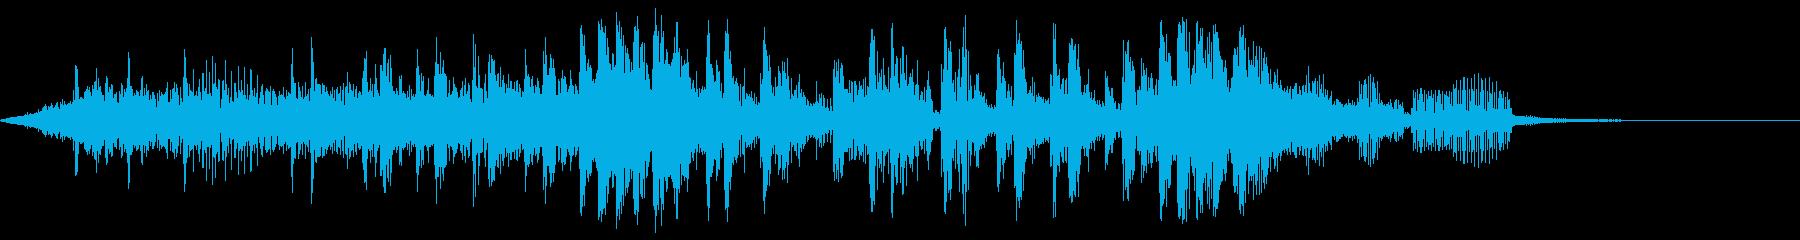 GROOVYオルタナティブロックテーマの再生済みの波形